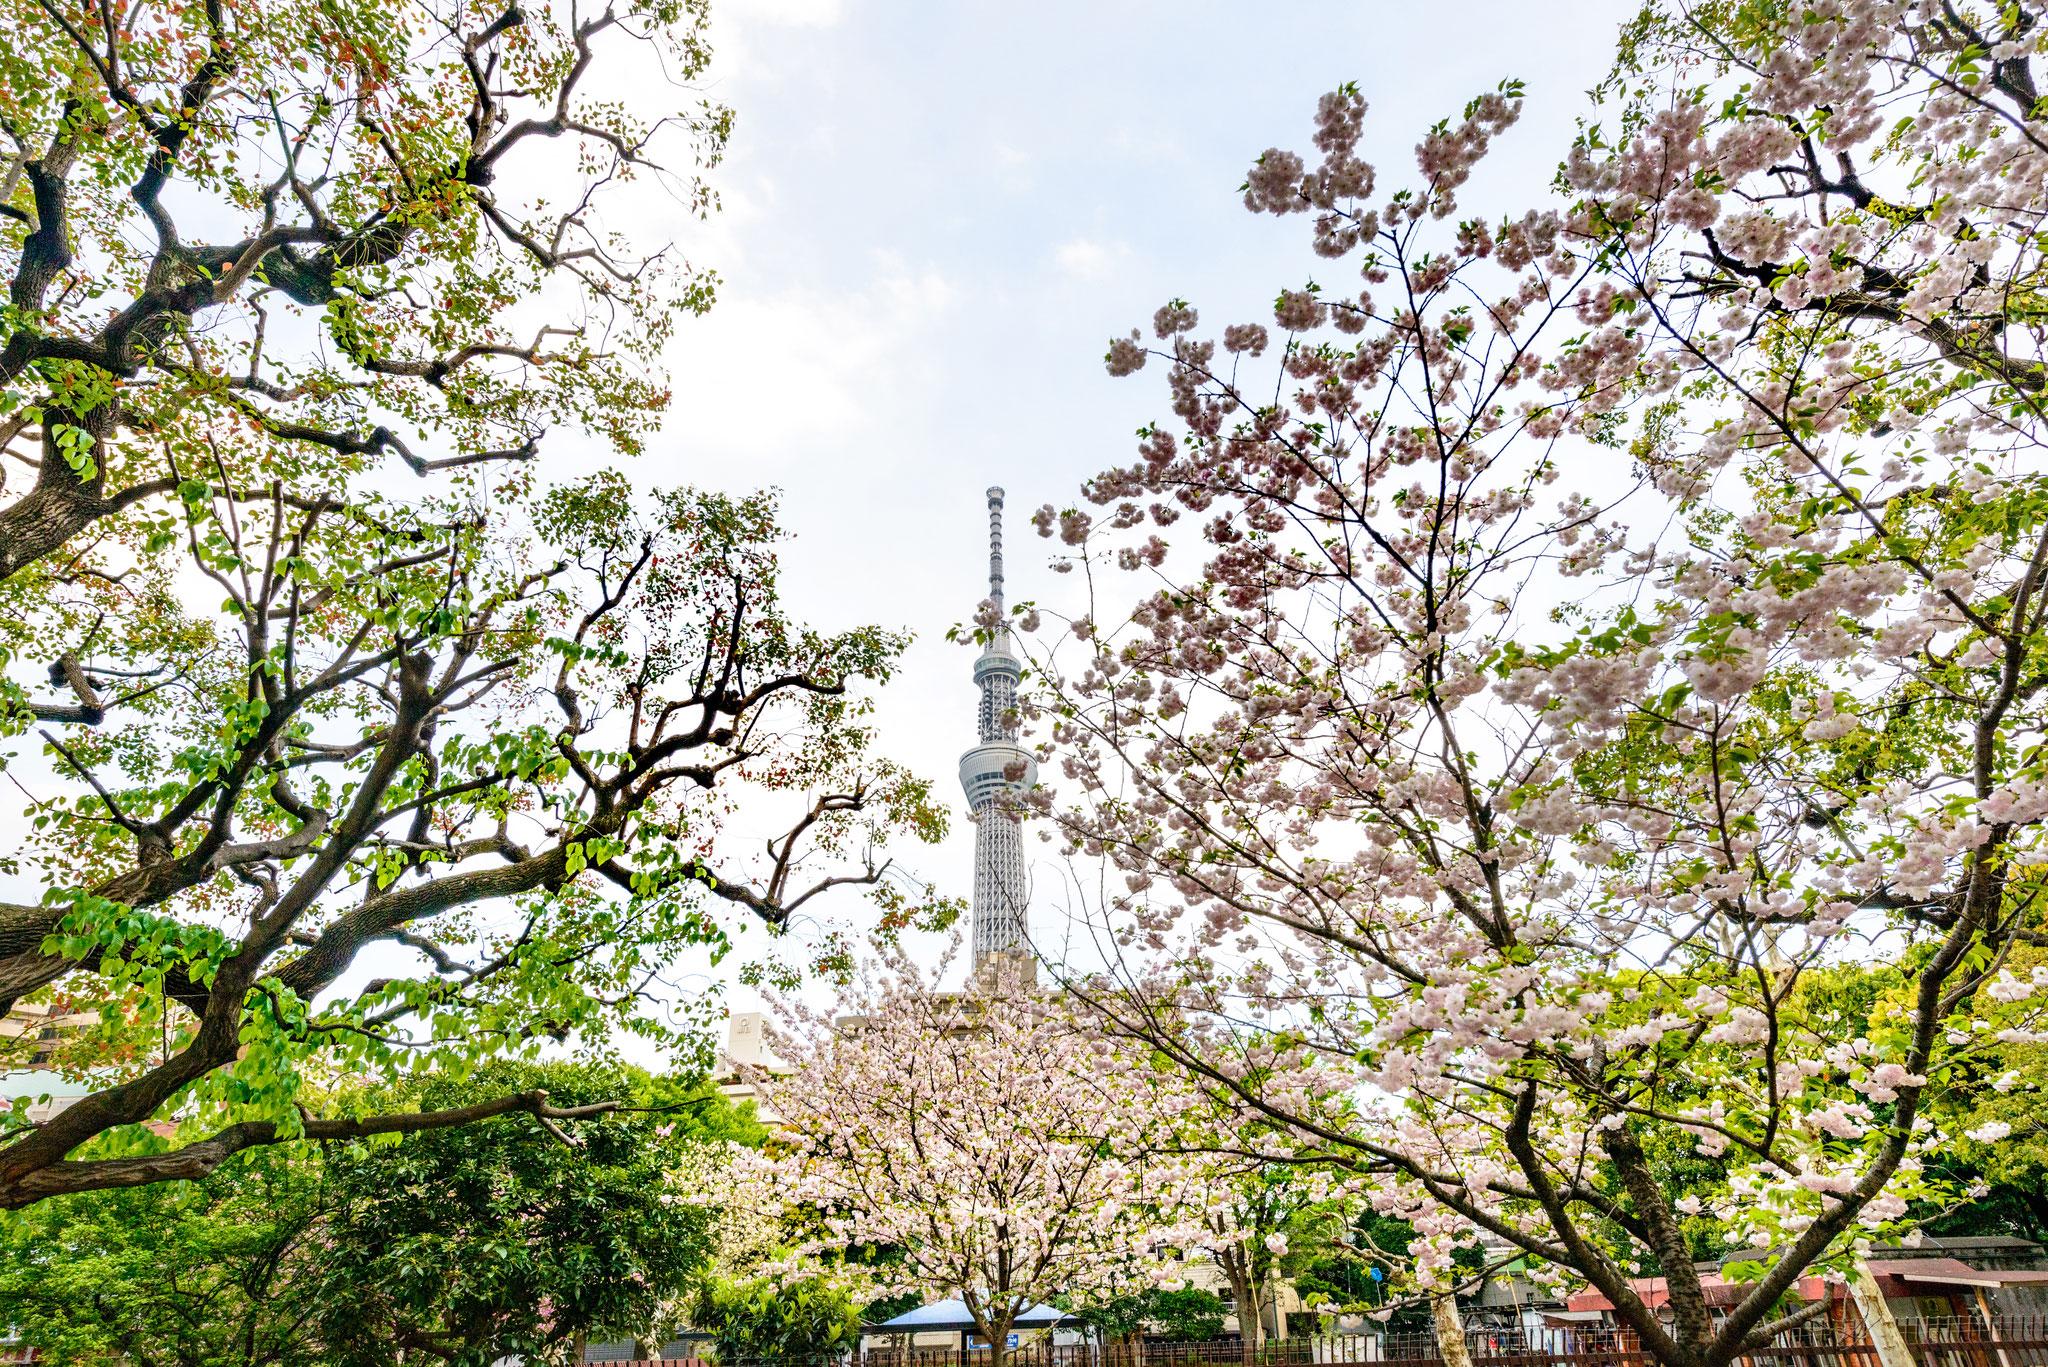 墨田公園からみる東京スカイツリー